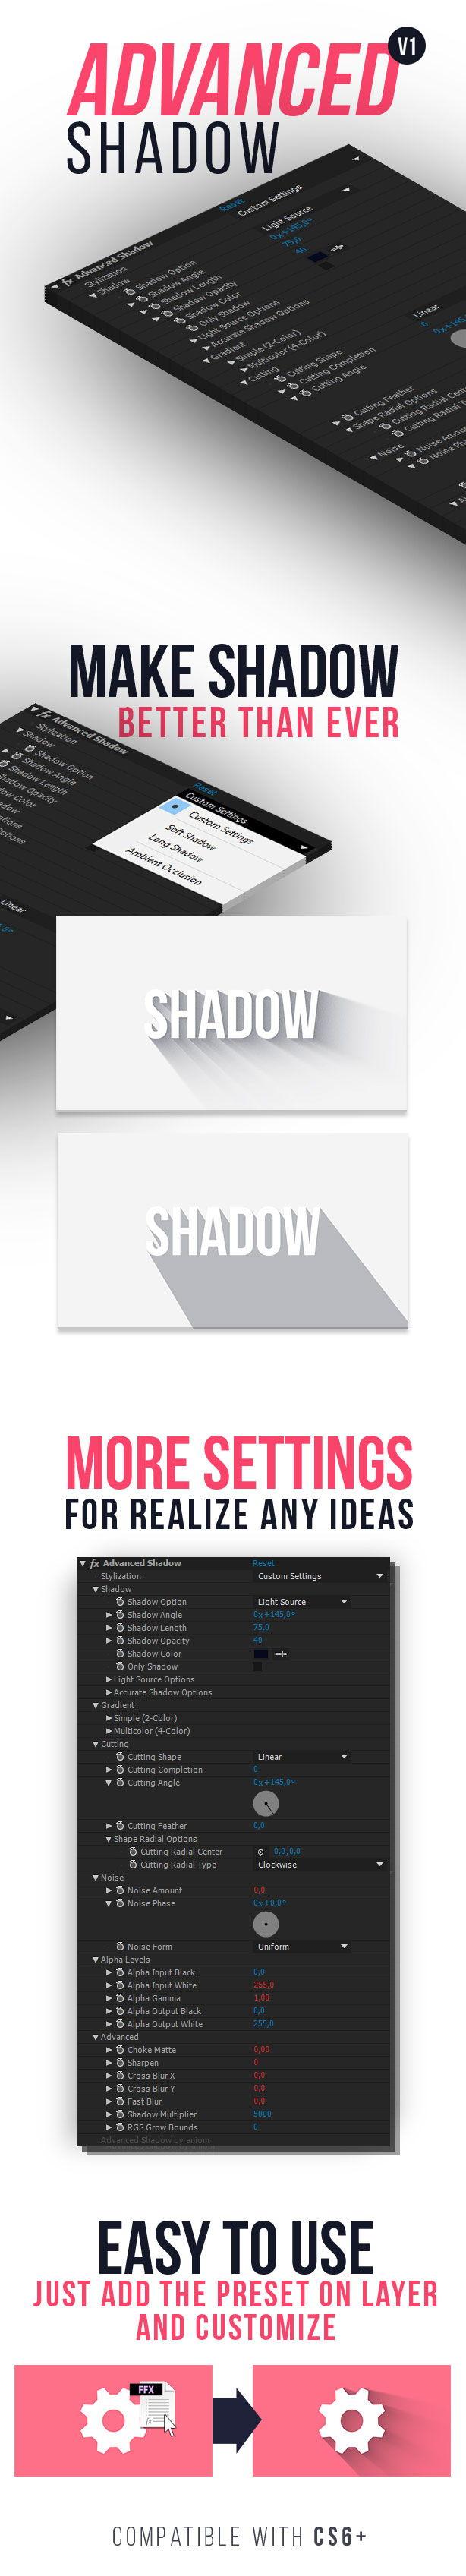 دانلود پریست افترافکت سایه videohive : Advanced Shadow